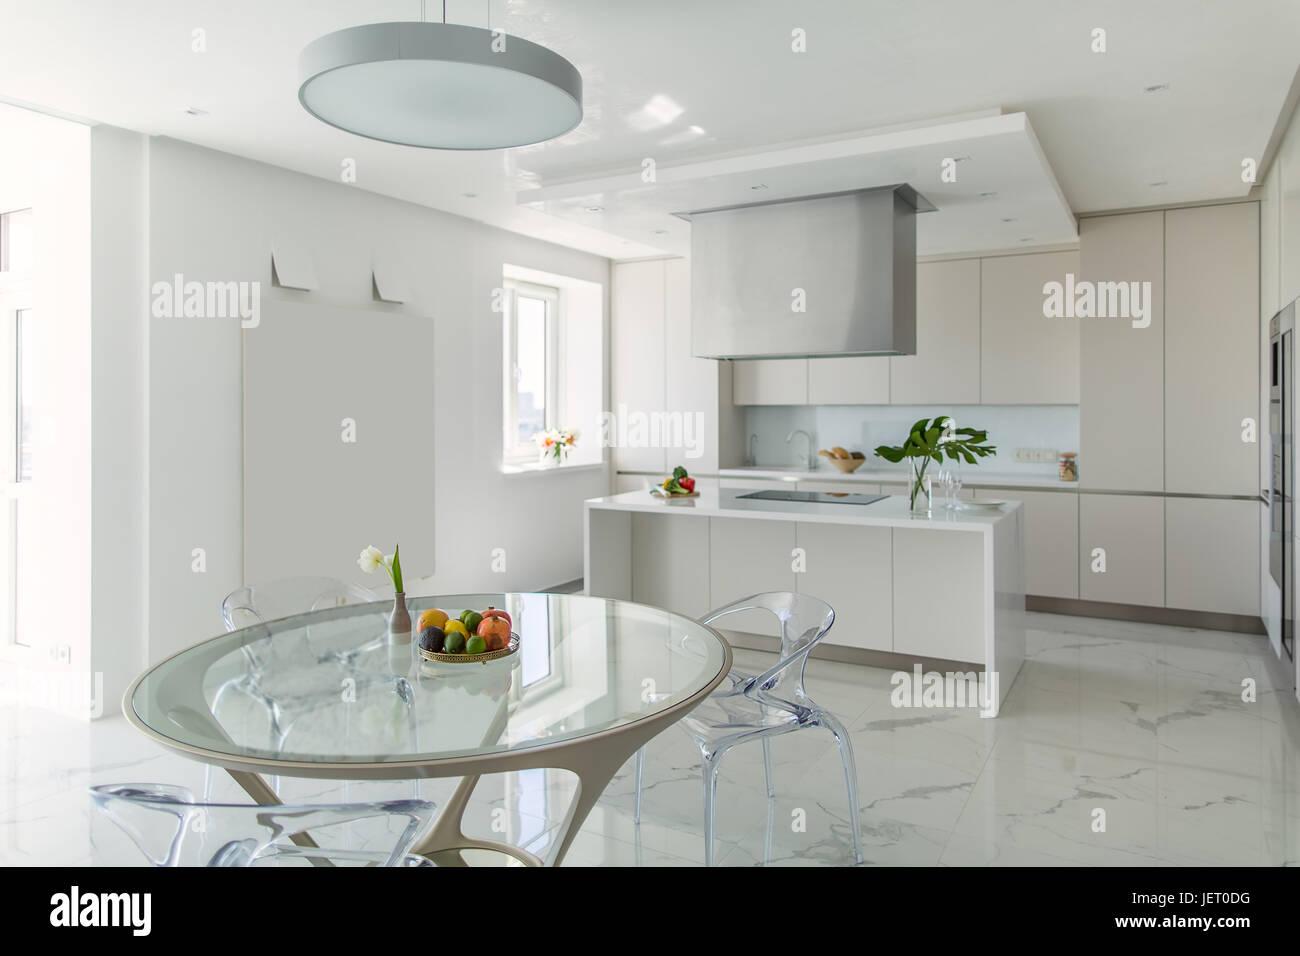 kche weisse great weisse kche dunkler boden schn dunkle kche luxus wandfarbe weie kche. Black Bedroom Furniture Sets. Home Design Ideas